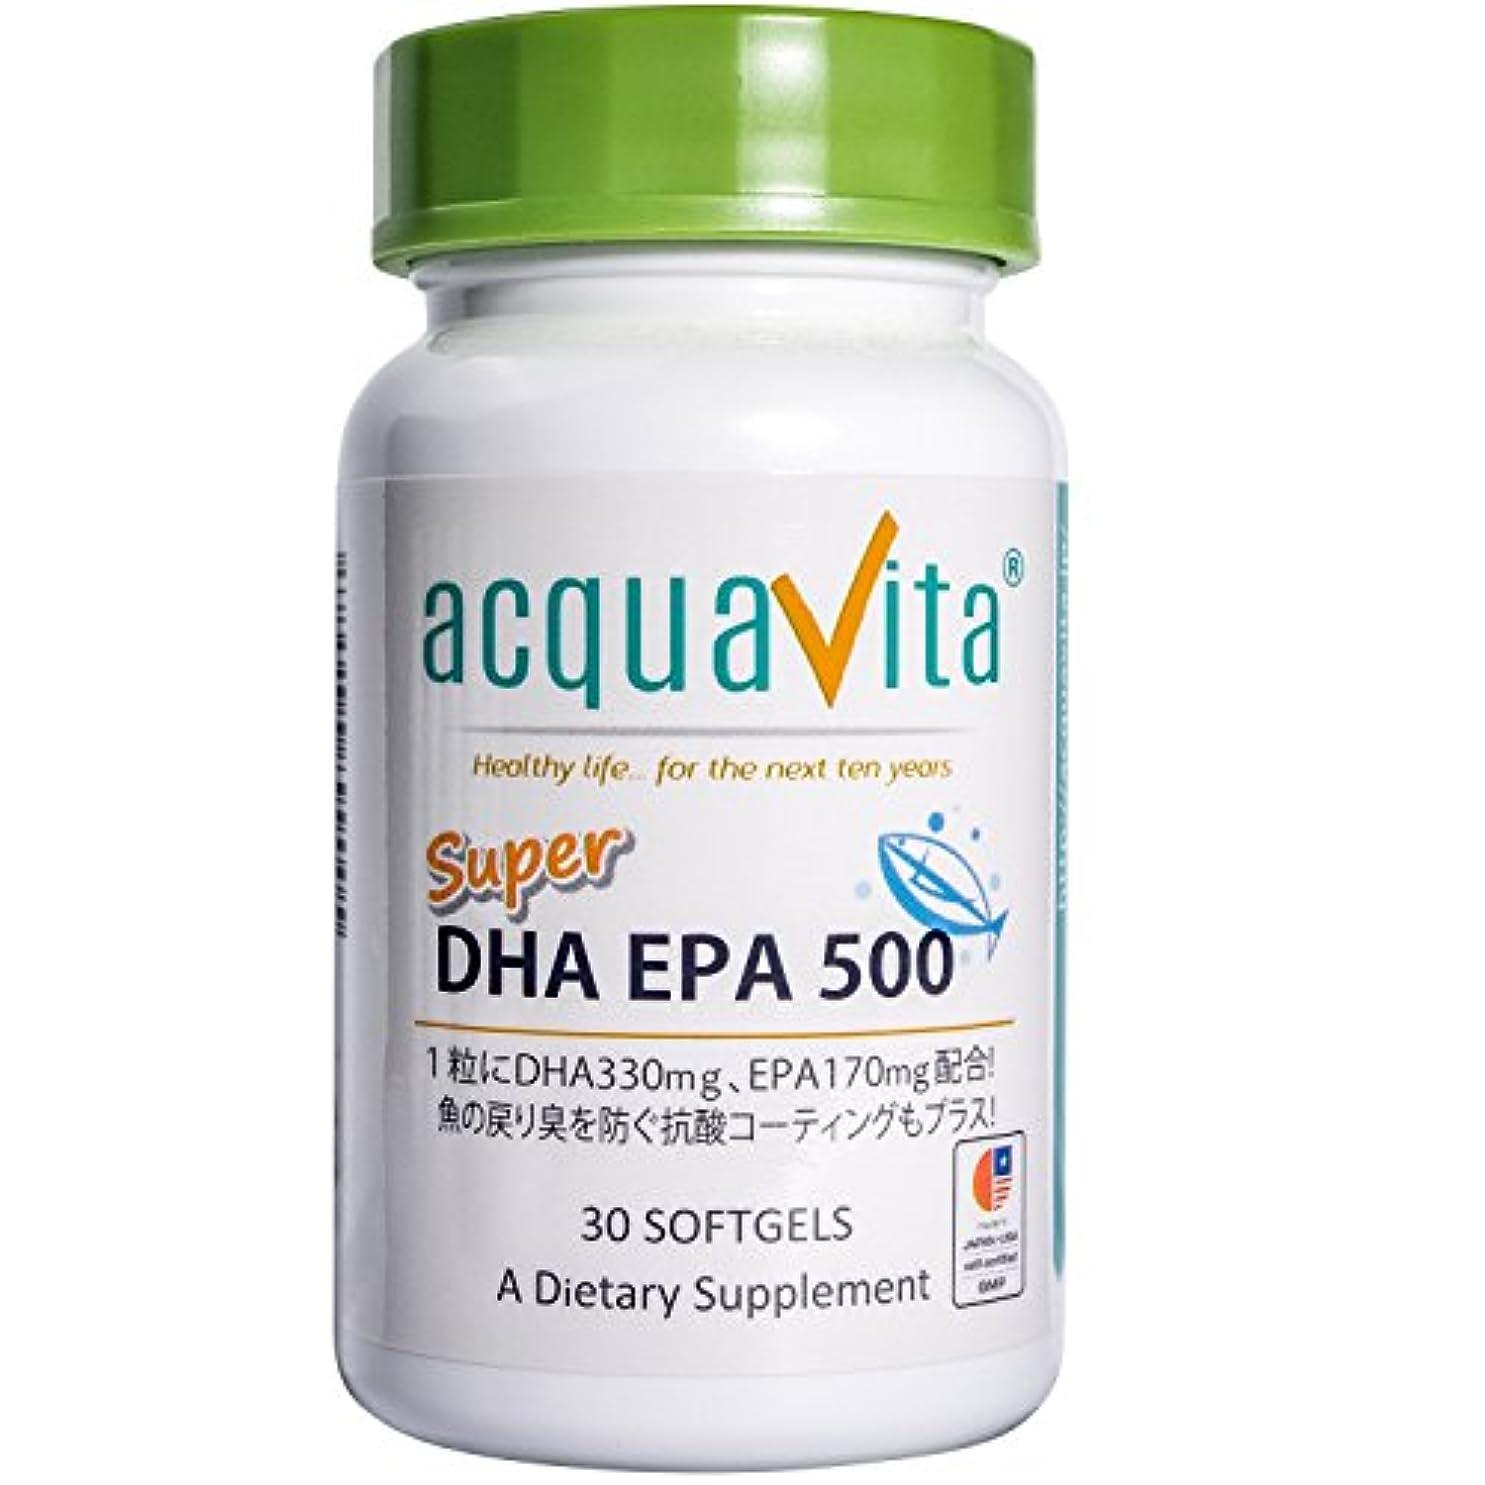 中ソーセージ土曜日acquavita(アクアヴィータ) スーパーDHAEPA500 30粒